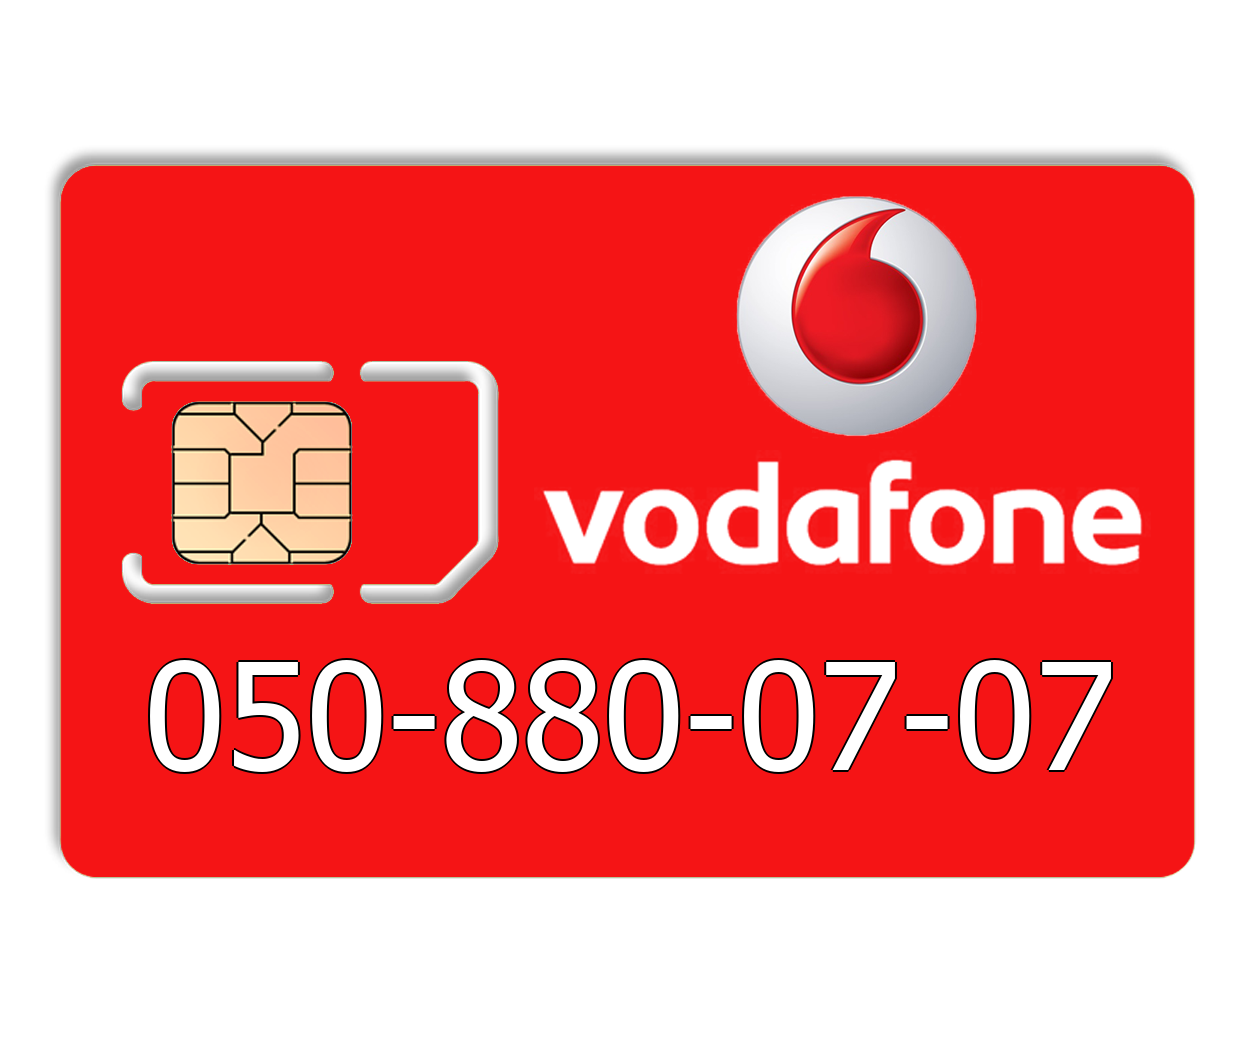 Красивый номер Vodafone 050-880-07-07